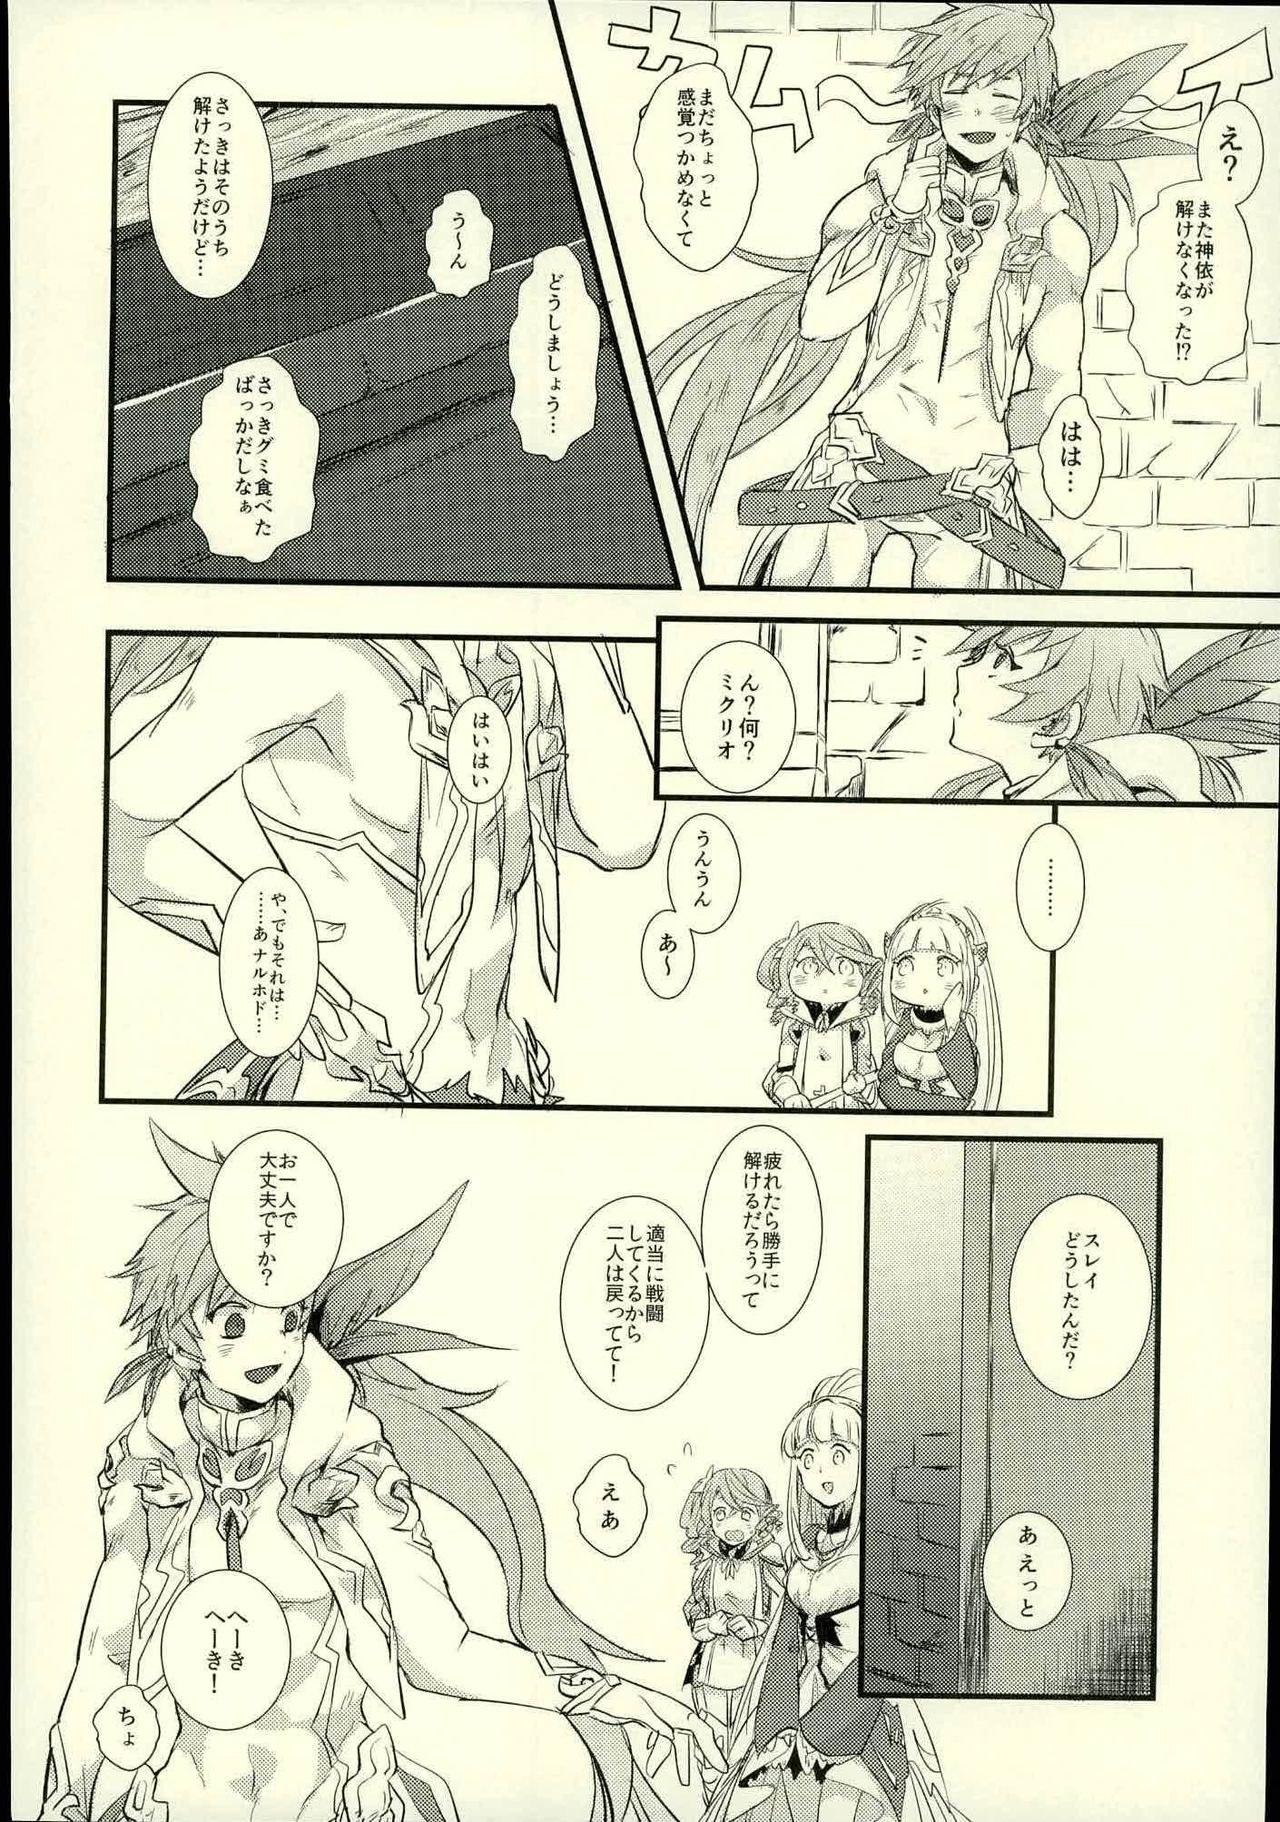 【BL同人誌】神衣脱げなくなったスレイ、疲れる為にミクリオとオナニーしたたはいいけれど・・・憑魔に目をつけられた二人は、一緒にそのまま憑魔の触手に犯されまくっちゃうwwww【テイルズ オブ ゼスティリア】 003